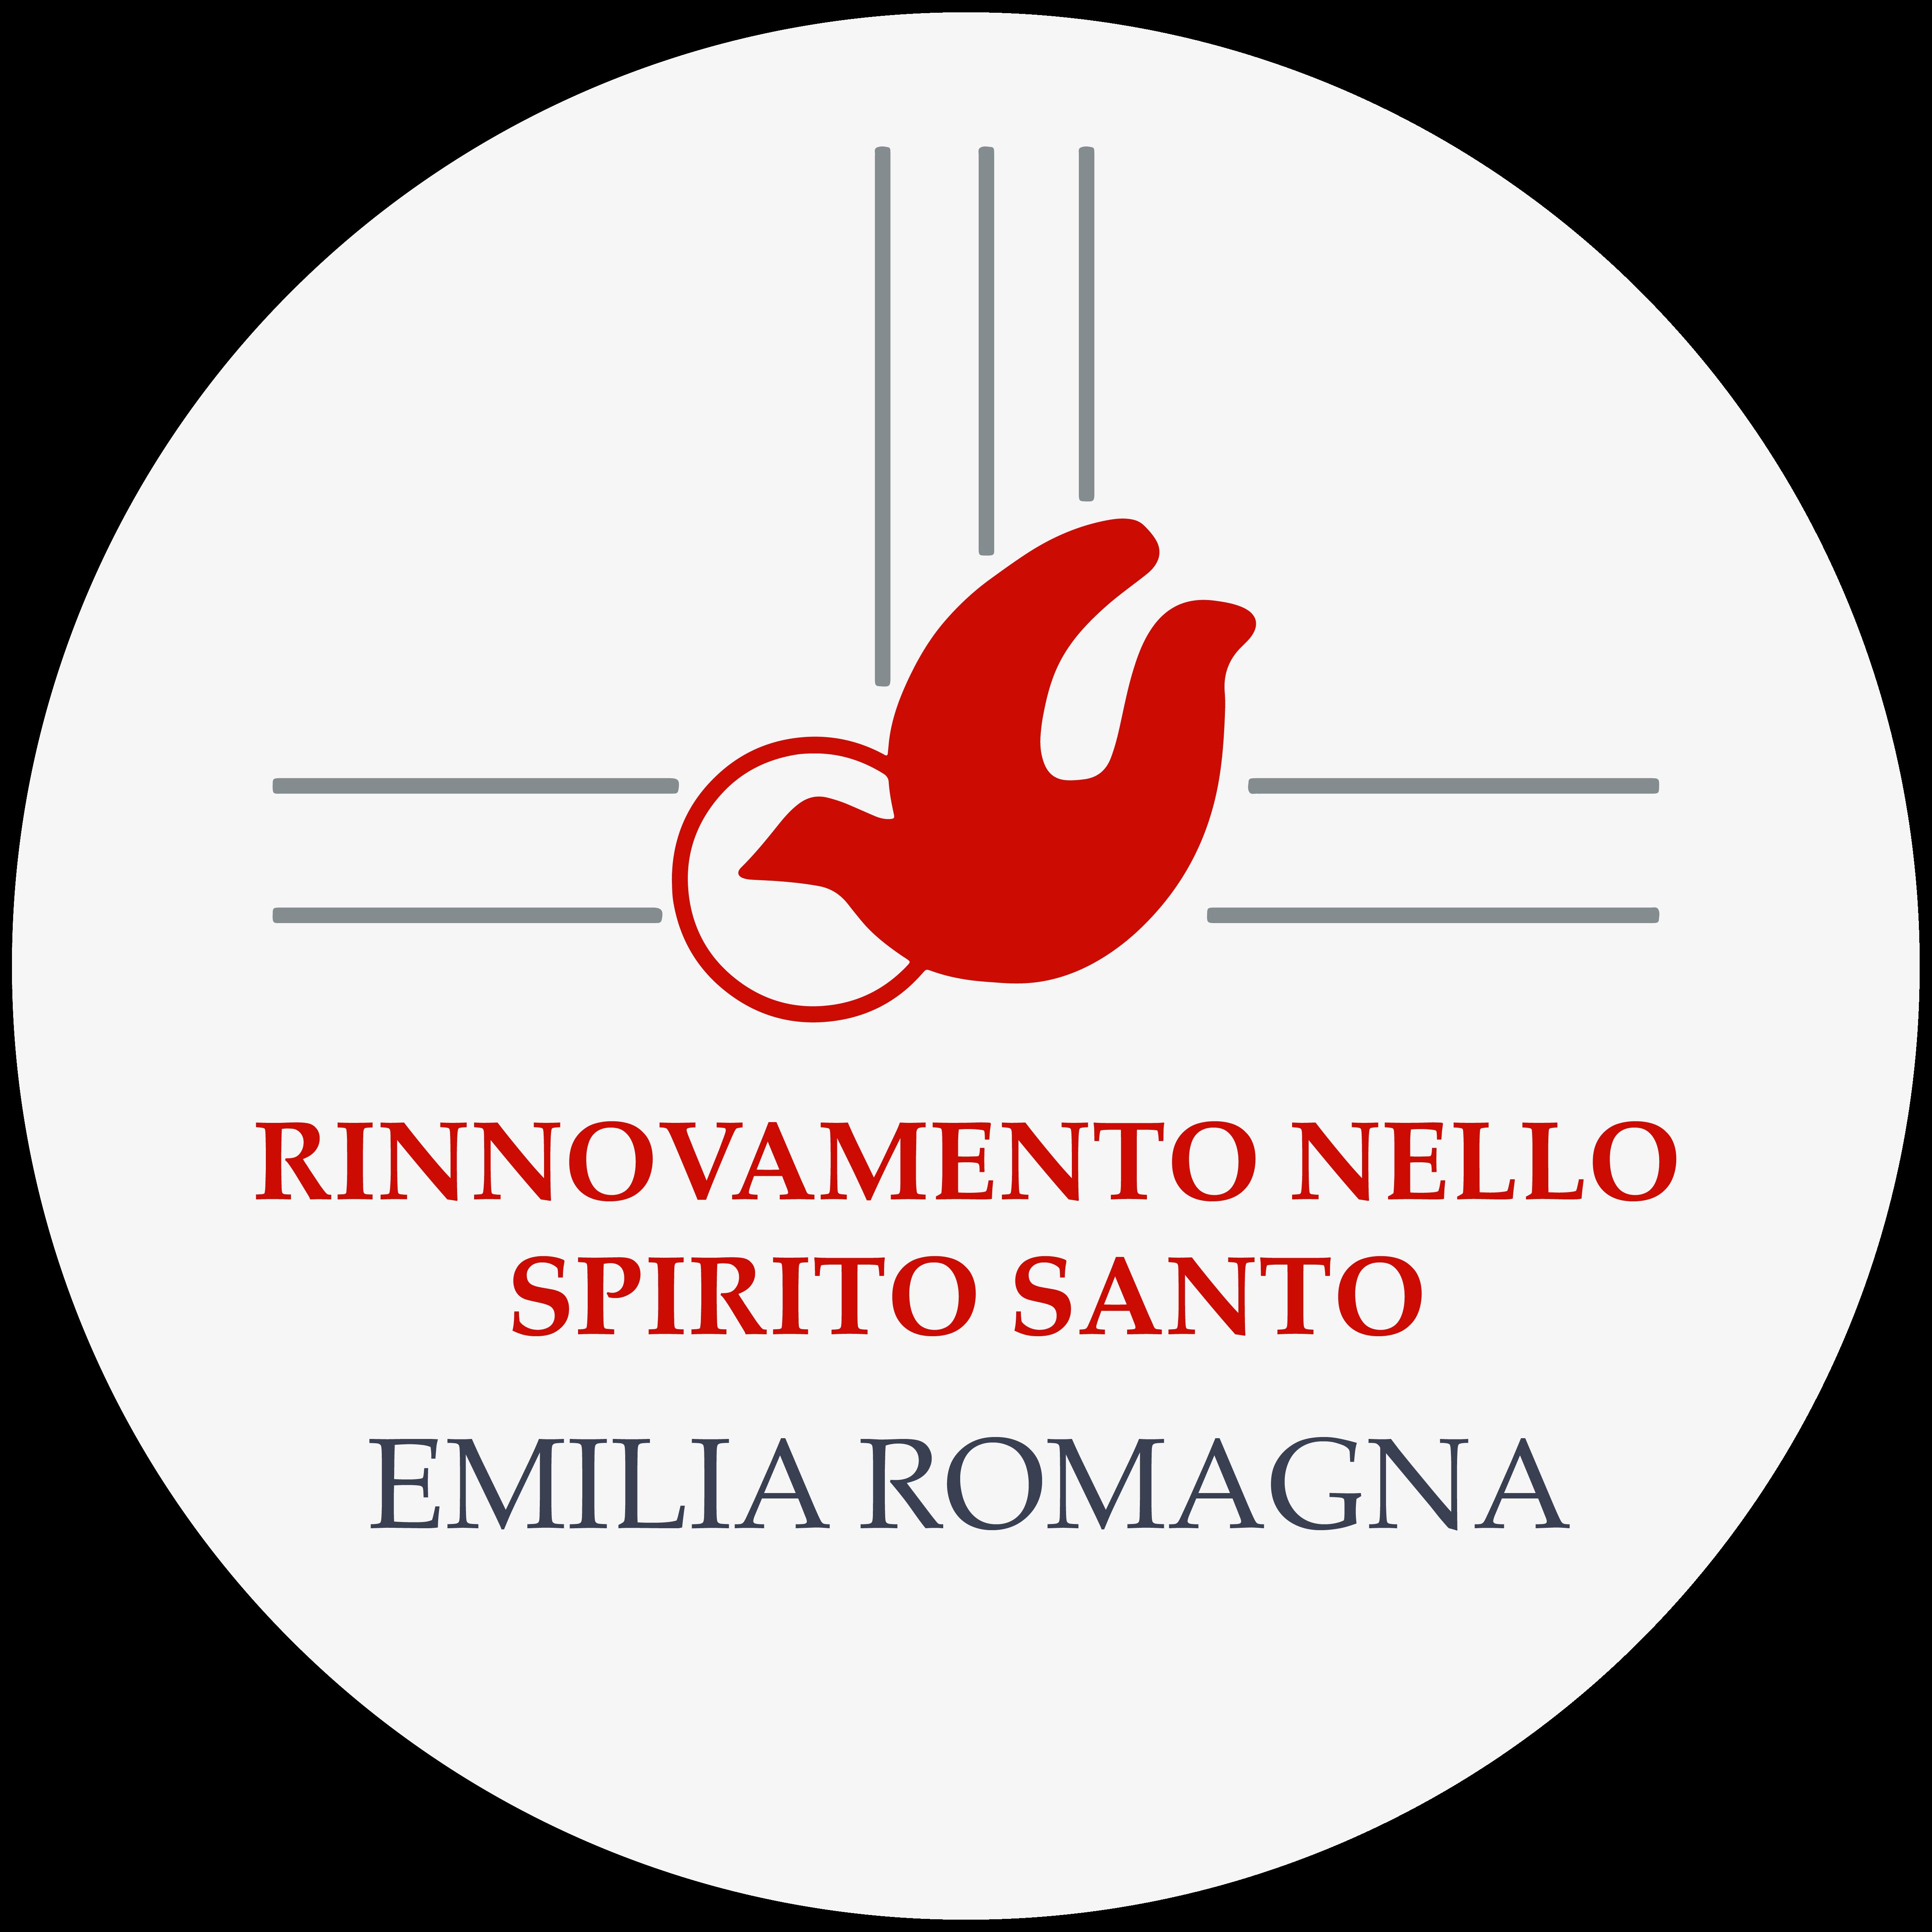 RnS Emilia Romagna